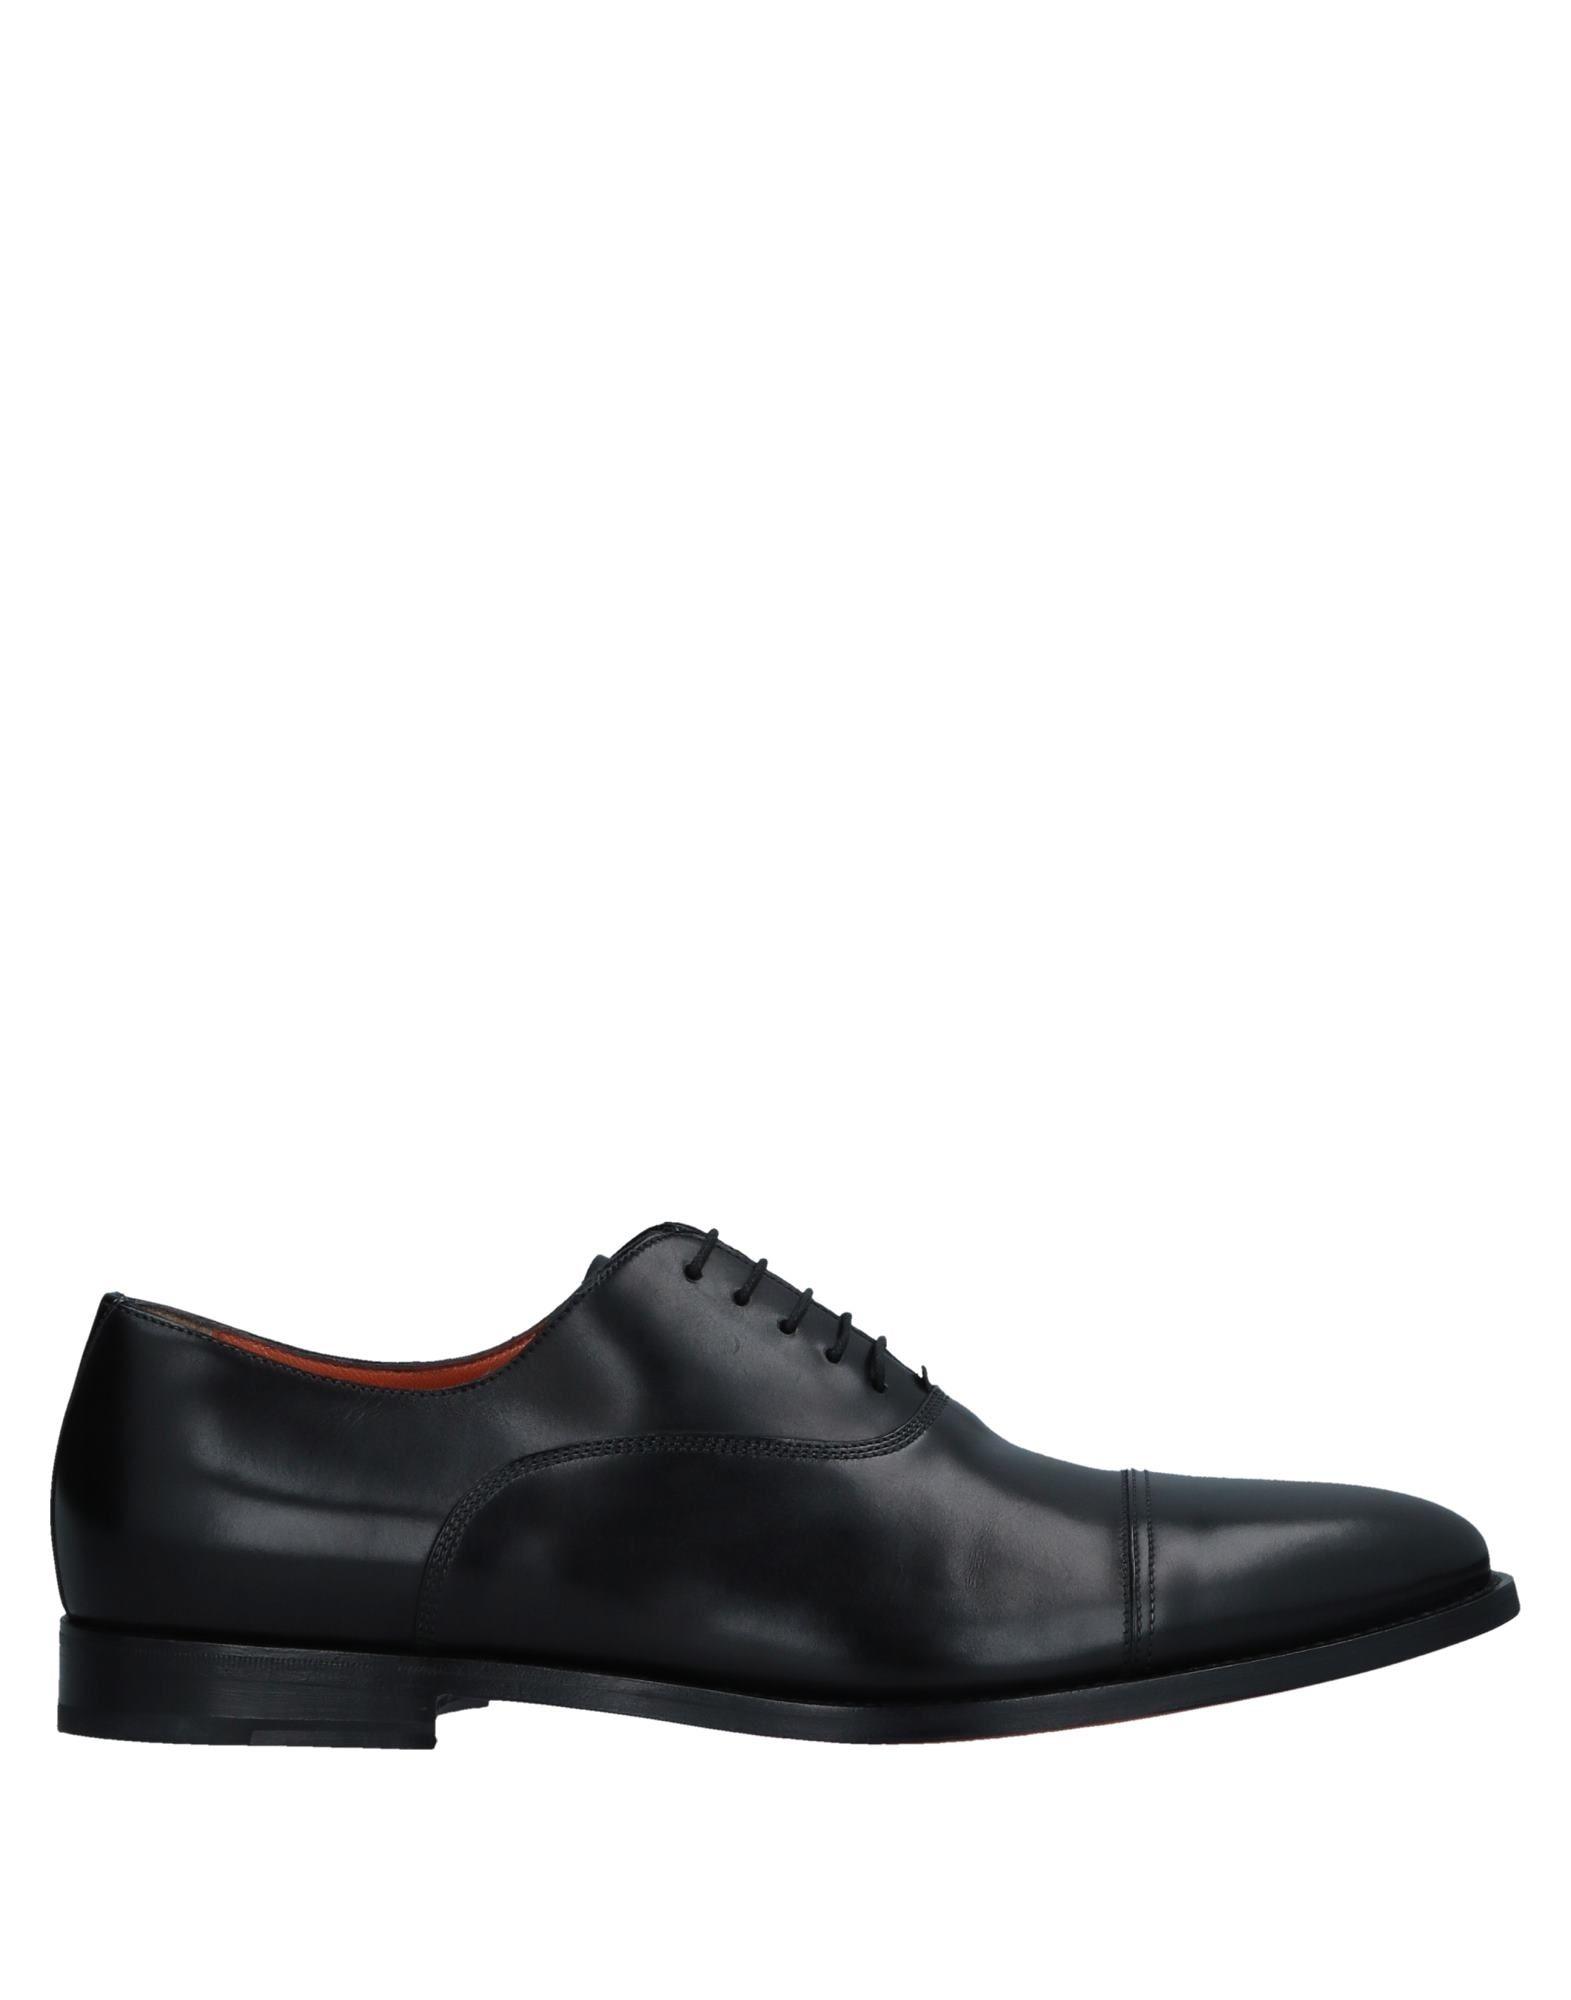 Santoni Schnürschuhe Herren  11525512QB Gute Qualität beliebte Schuhe